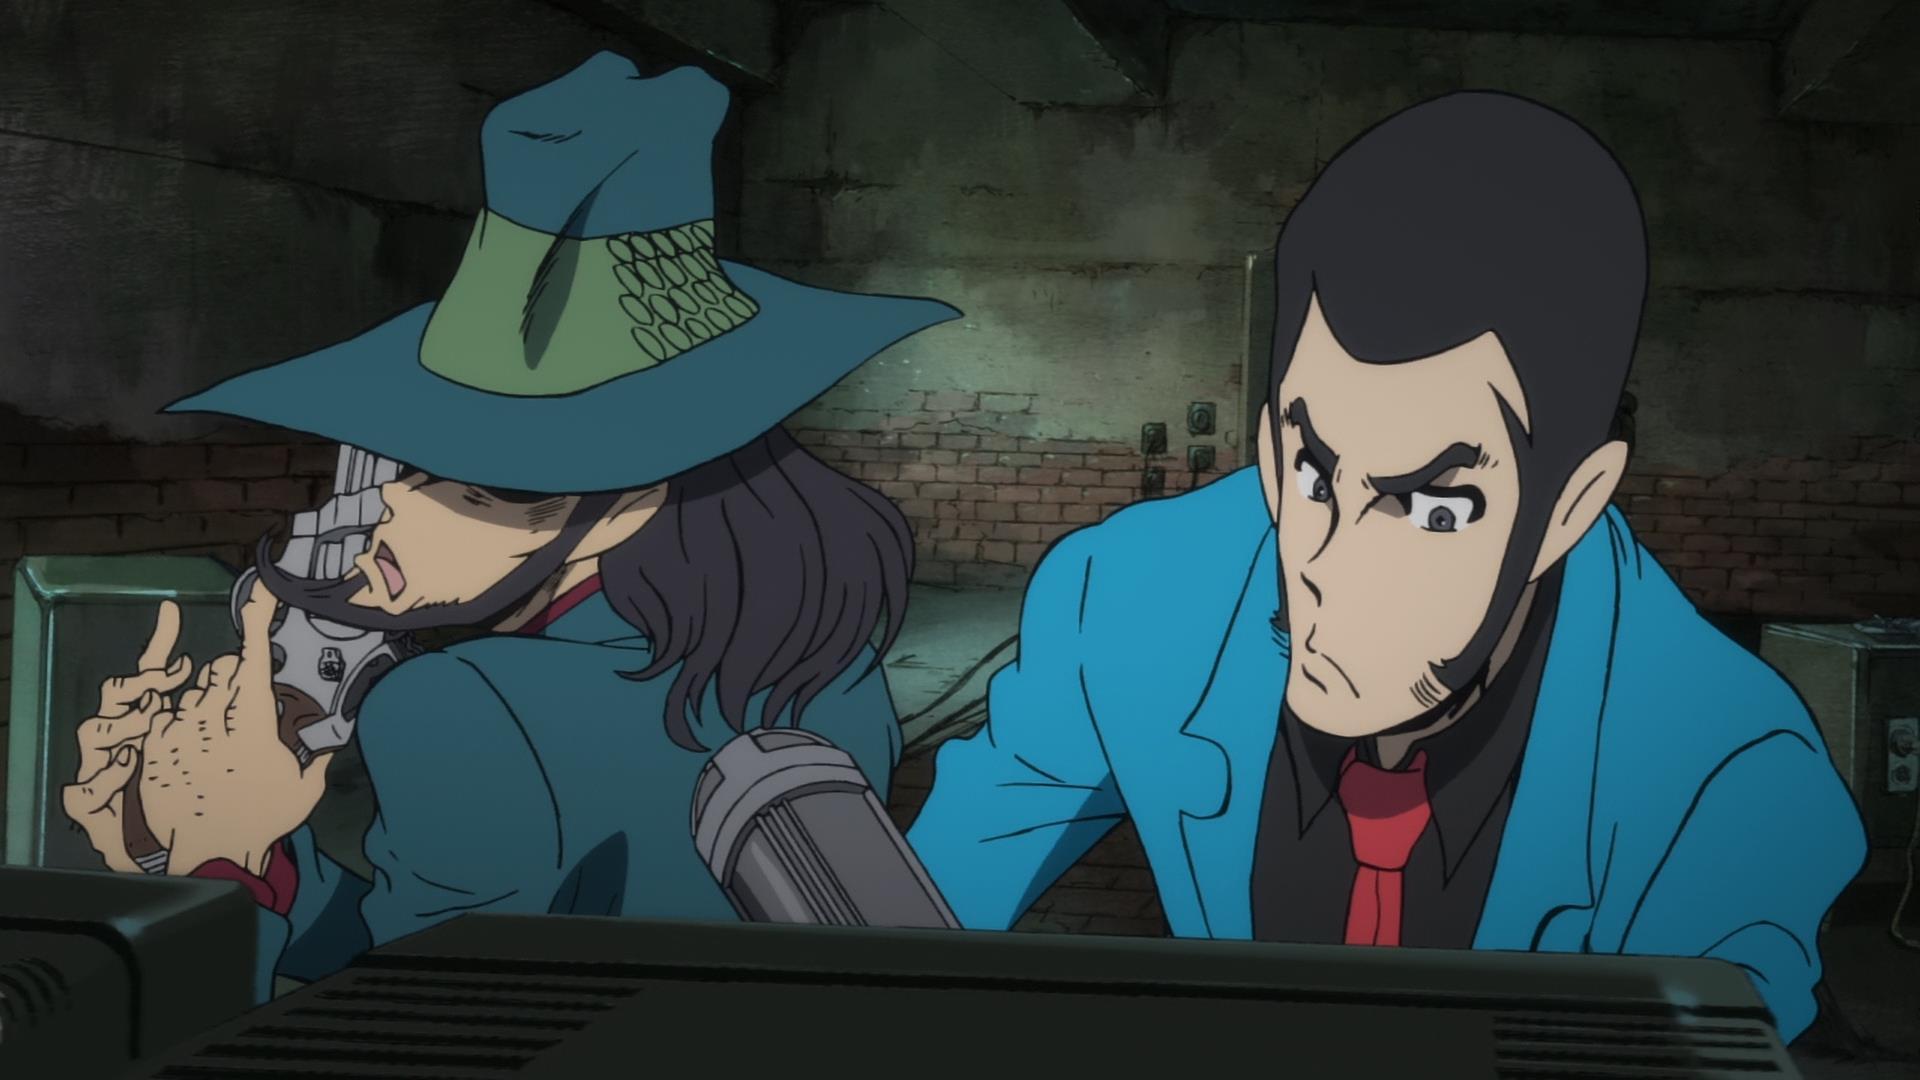 Ambassador Car Wallpaper Lupin The Iiird Daisuke Jigen S Gravestone Movie Review